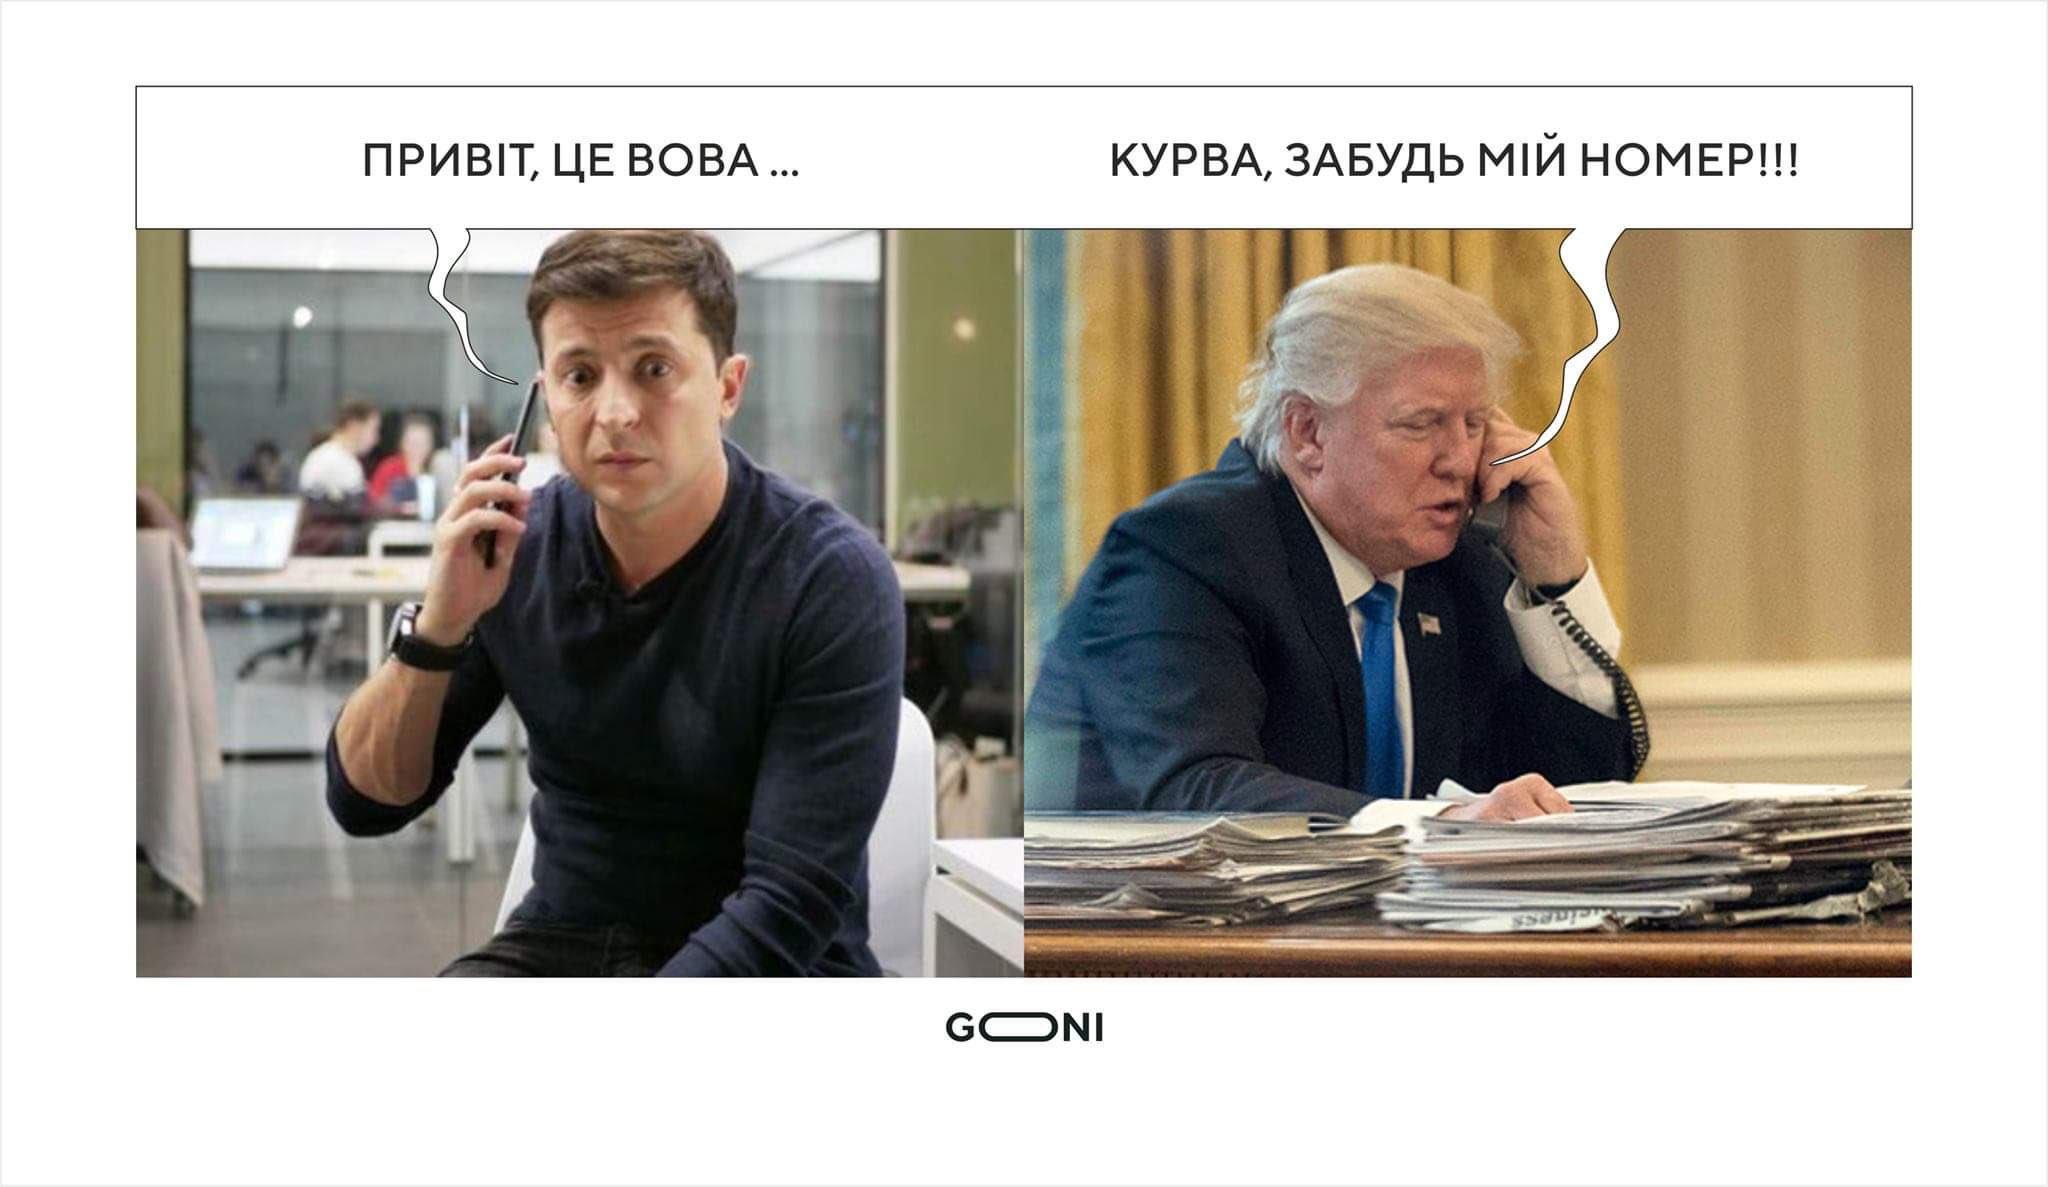 Зеленський-Трамп: подробиці світового скандалу - Цензор.НЕТ 9769